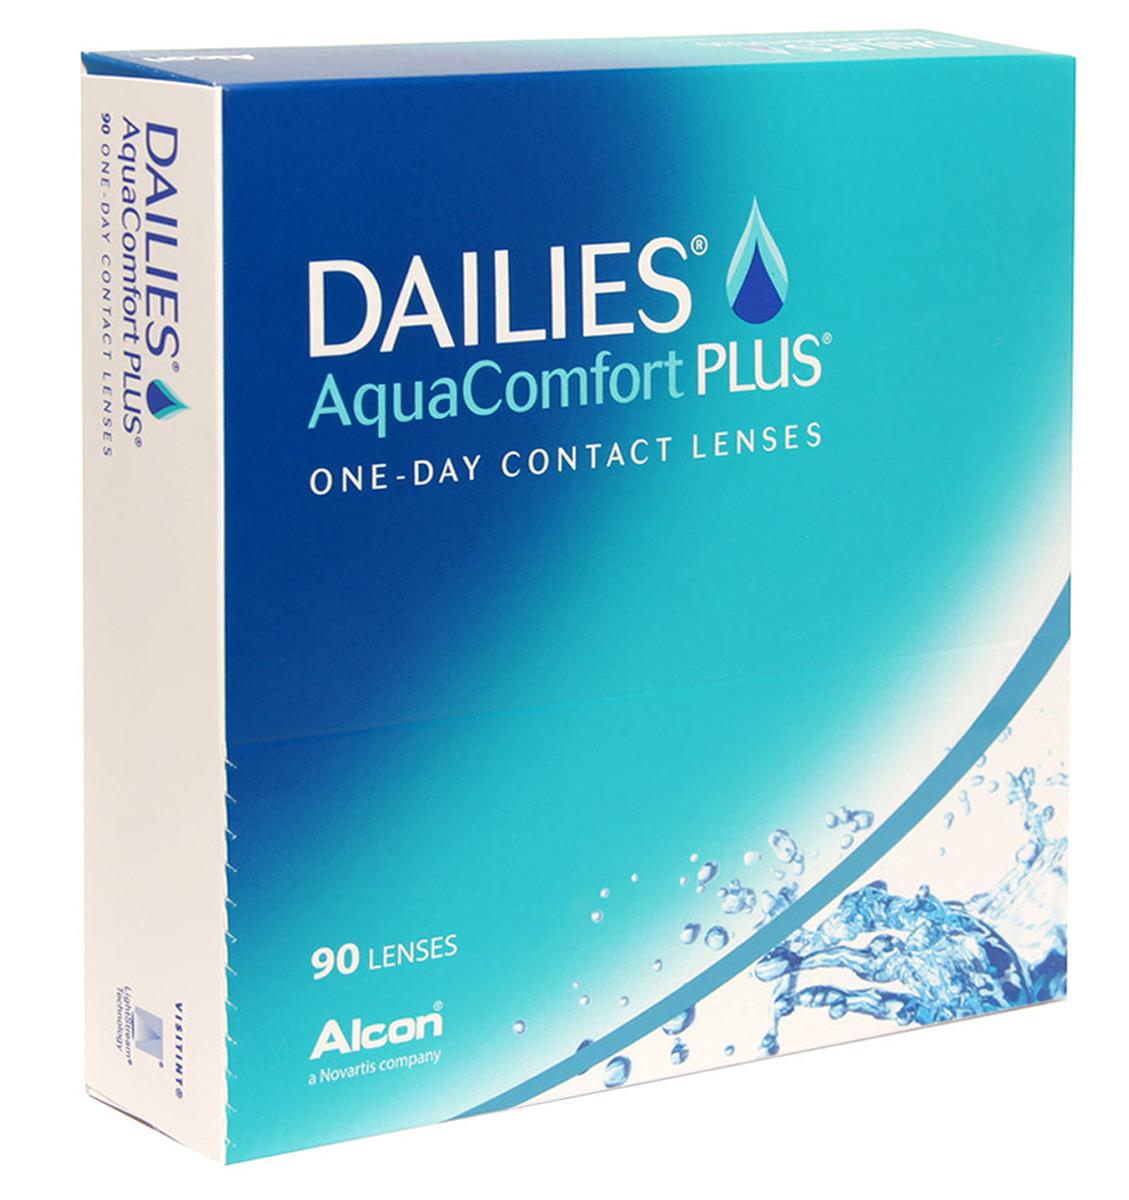 Alcon-CIBA Vision контактные линзы Dailies AquaComfort Plus (90шт / 8.7 / 14.0 / +2.25)38350Dailies Aqua Comfort Plus (90 блистеров) – это одни из самых популярных однодневных линз производства компании CIBA VISION. Эти линзы пользуются огромной популярностью во всем мире и являются на сегодняшний день самыми безопасными контактными линзами. Изготавливаются линзы из современного, 100% безопасного материала нелфилкон А. Особенность этого материала в том, что он легко пропускает воздух и хорошо сохраняет влагу. Однодневные контактные линзы Dailies Aqua Comfort Plus не нуждаются в дополнительном уходе и затратах, каждый день вы надеваете свежую пару линз. Дизайн линзы биосовместимый, что гарантирует безупречный комфорт. Самое главное достоинство Dailies Aqua Comfort Plus – это их уникальная система увлажнения. Благодаря этой разработке линзы увлажняются тремя различными агентами. Первый компонент, ухаживающий за линзами, находится в растворе, он как бы обволакивает линзу, обеспечивая чрезвычайно комфортное надевание. Второй агент выделяется на протяжении всего дня, он...